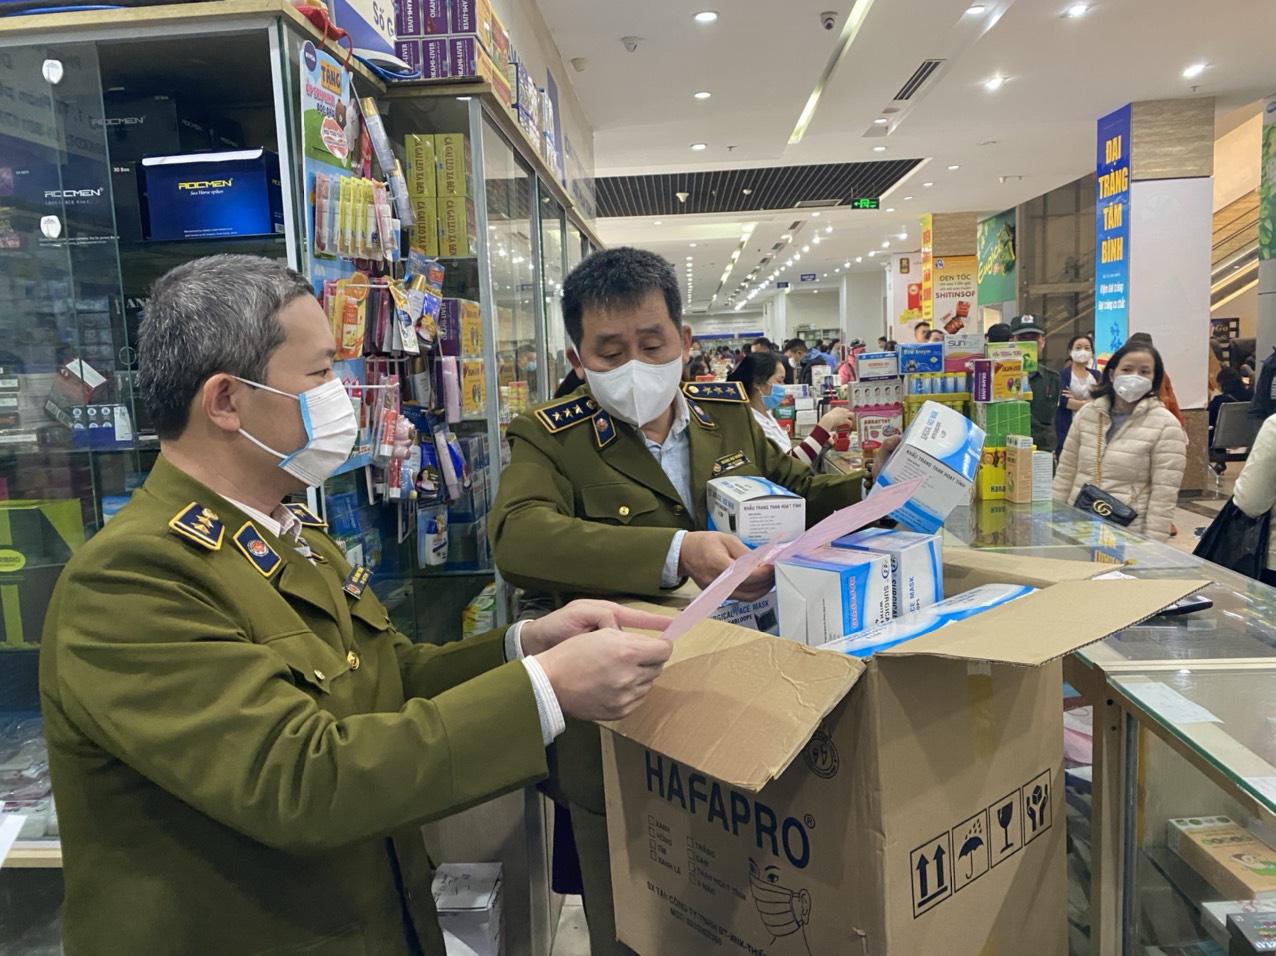 Cục trưởng Cục quản lí thị trường Hà Nội: Sẽ xử lí vụ việc chợ thuốc Hapulico đồng loạt treo biển 'không bán khẩu trang, nước rửa tay, miễn hỏi' - Ảnh 1.